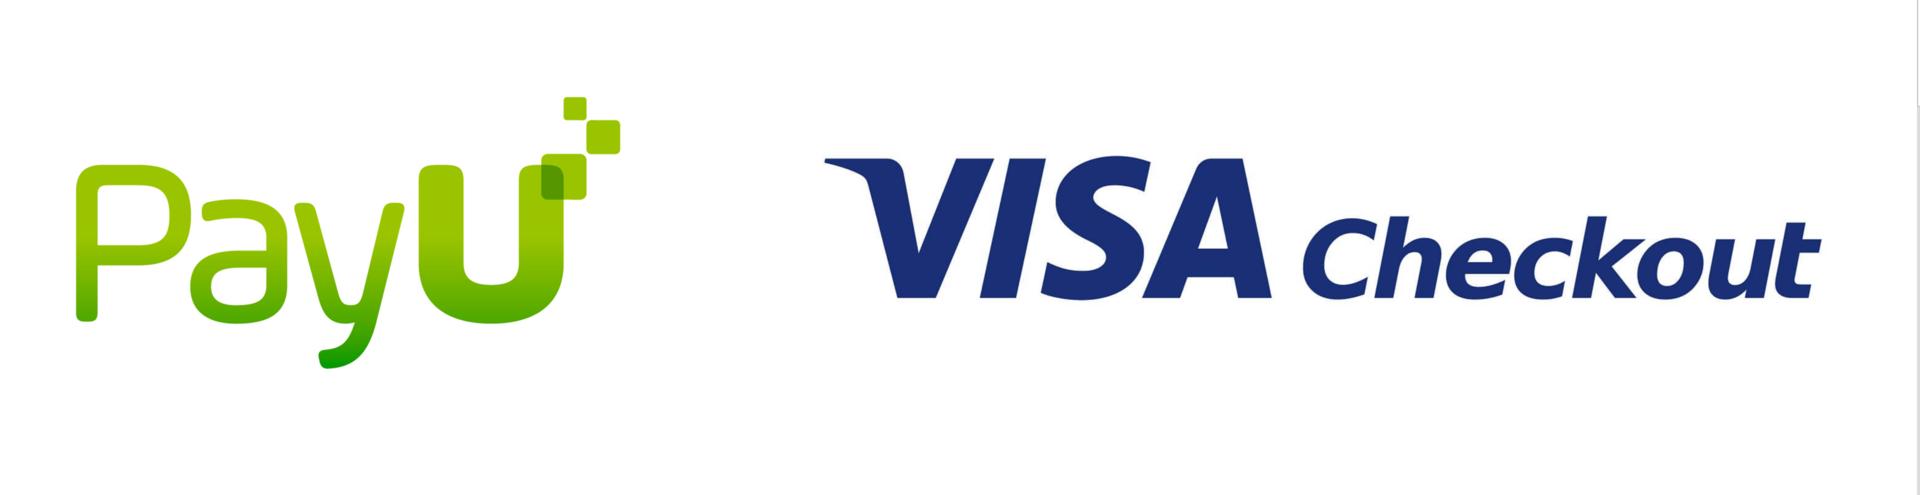 PayU rozszerza współpracę z Visa i wprowadza usługę Visa Checkout